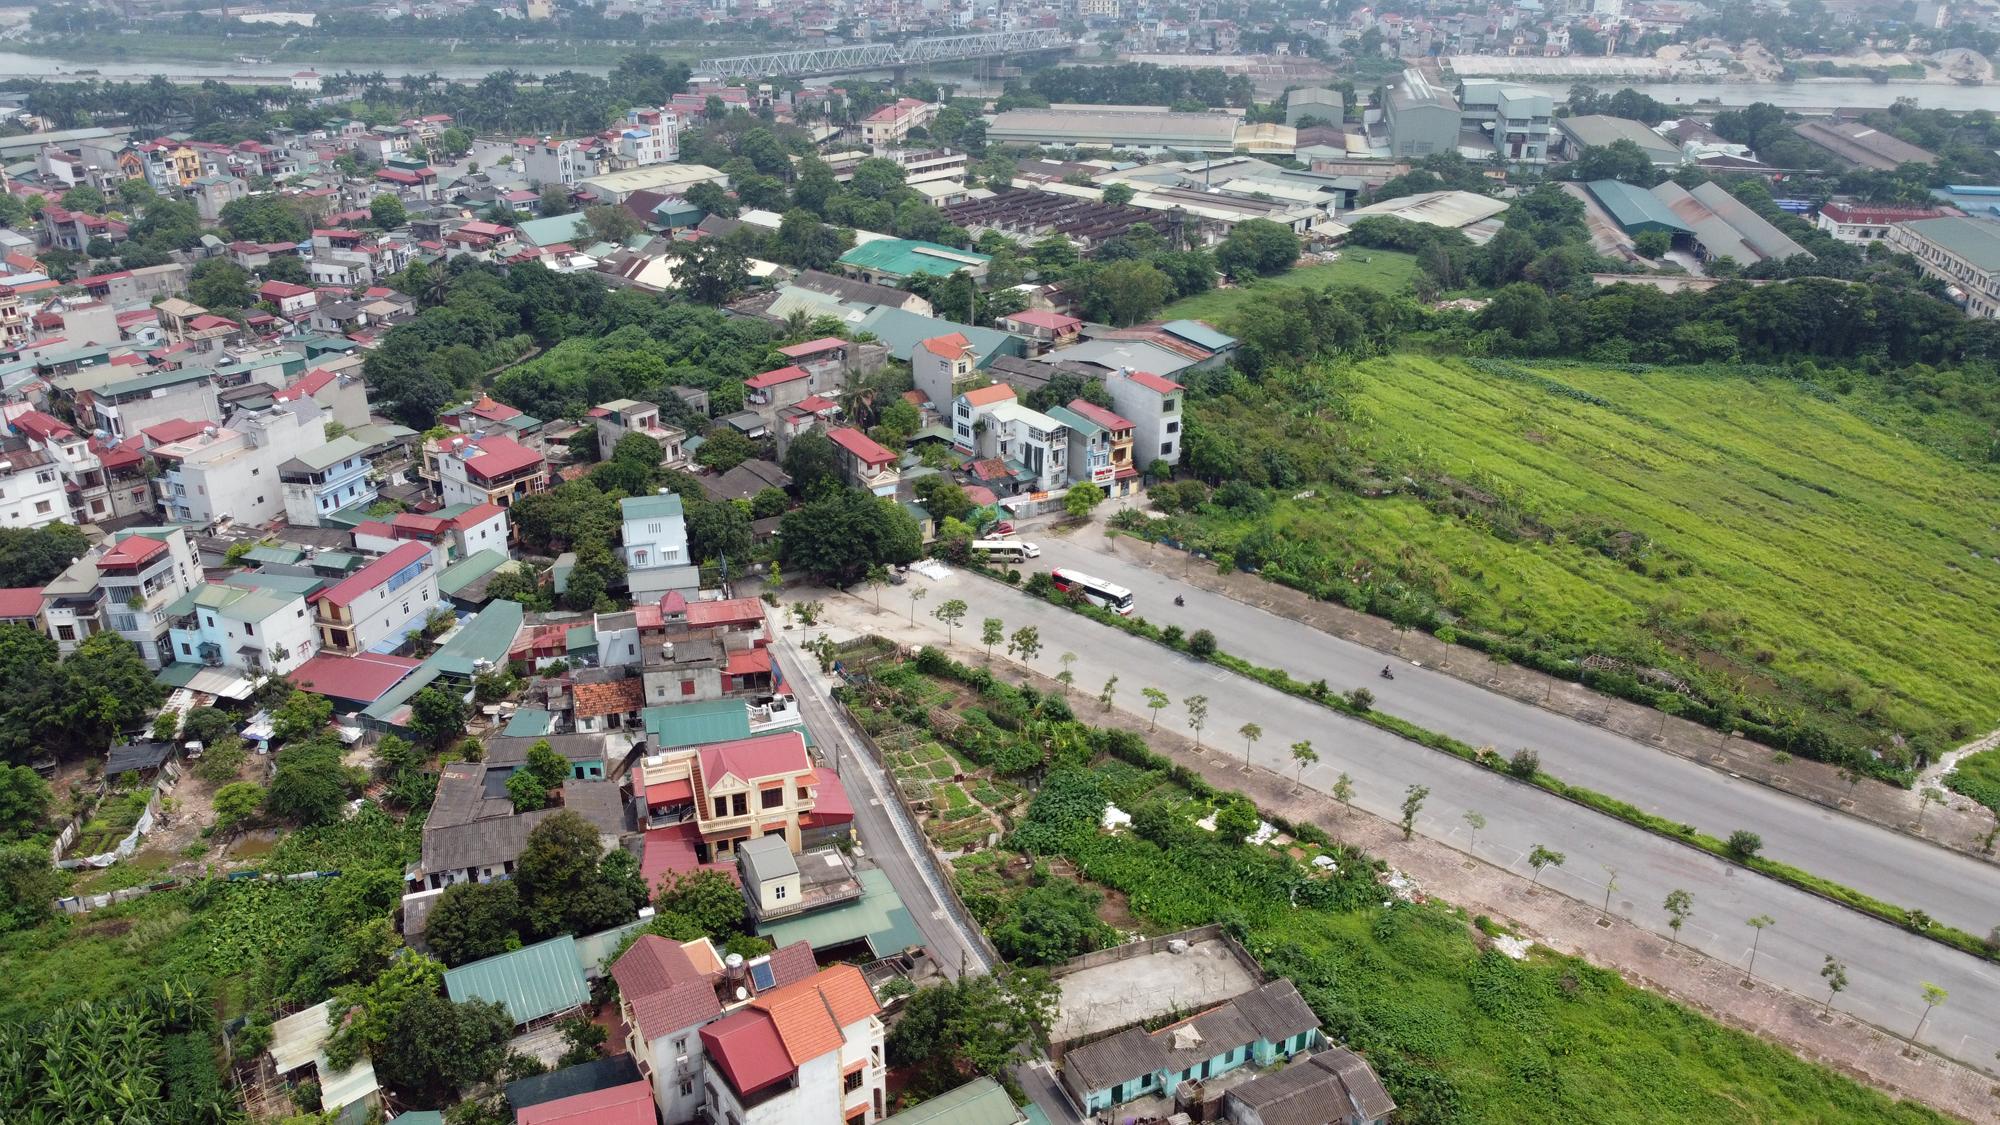 Những khu đất sắp thu hồi để mở đường ở phường Đức Giang, Long Biên, Hà Nội (phần 1) - Ảnh 11.